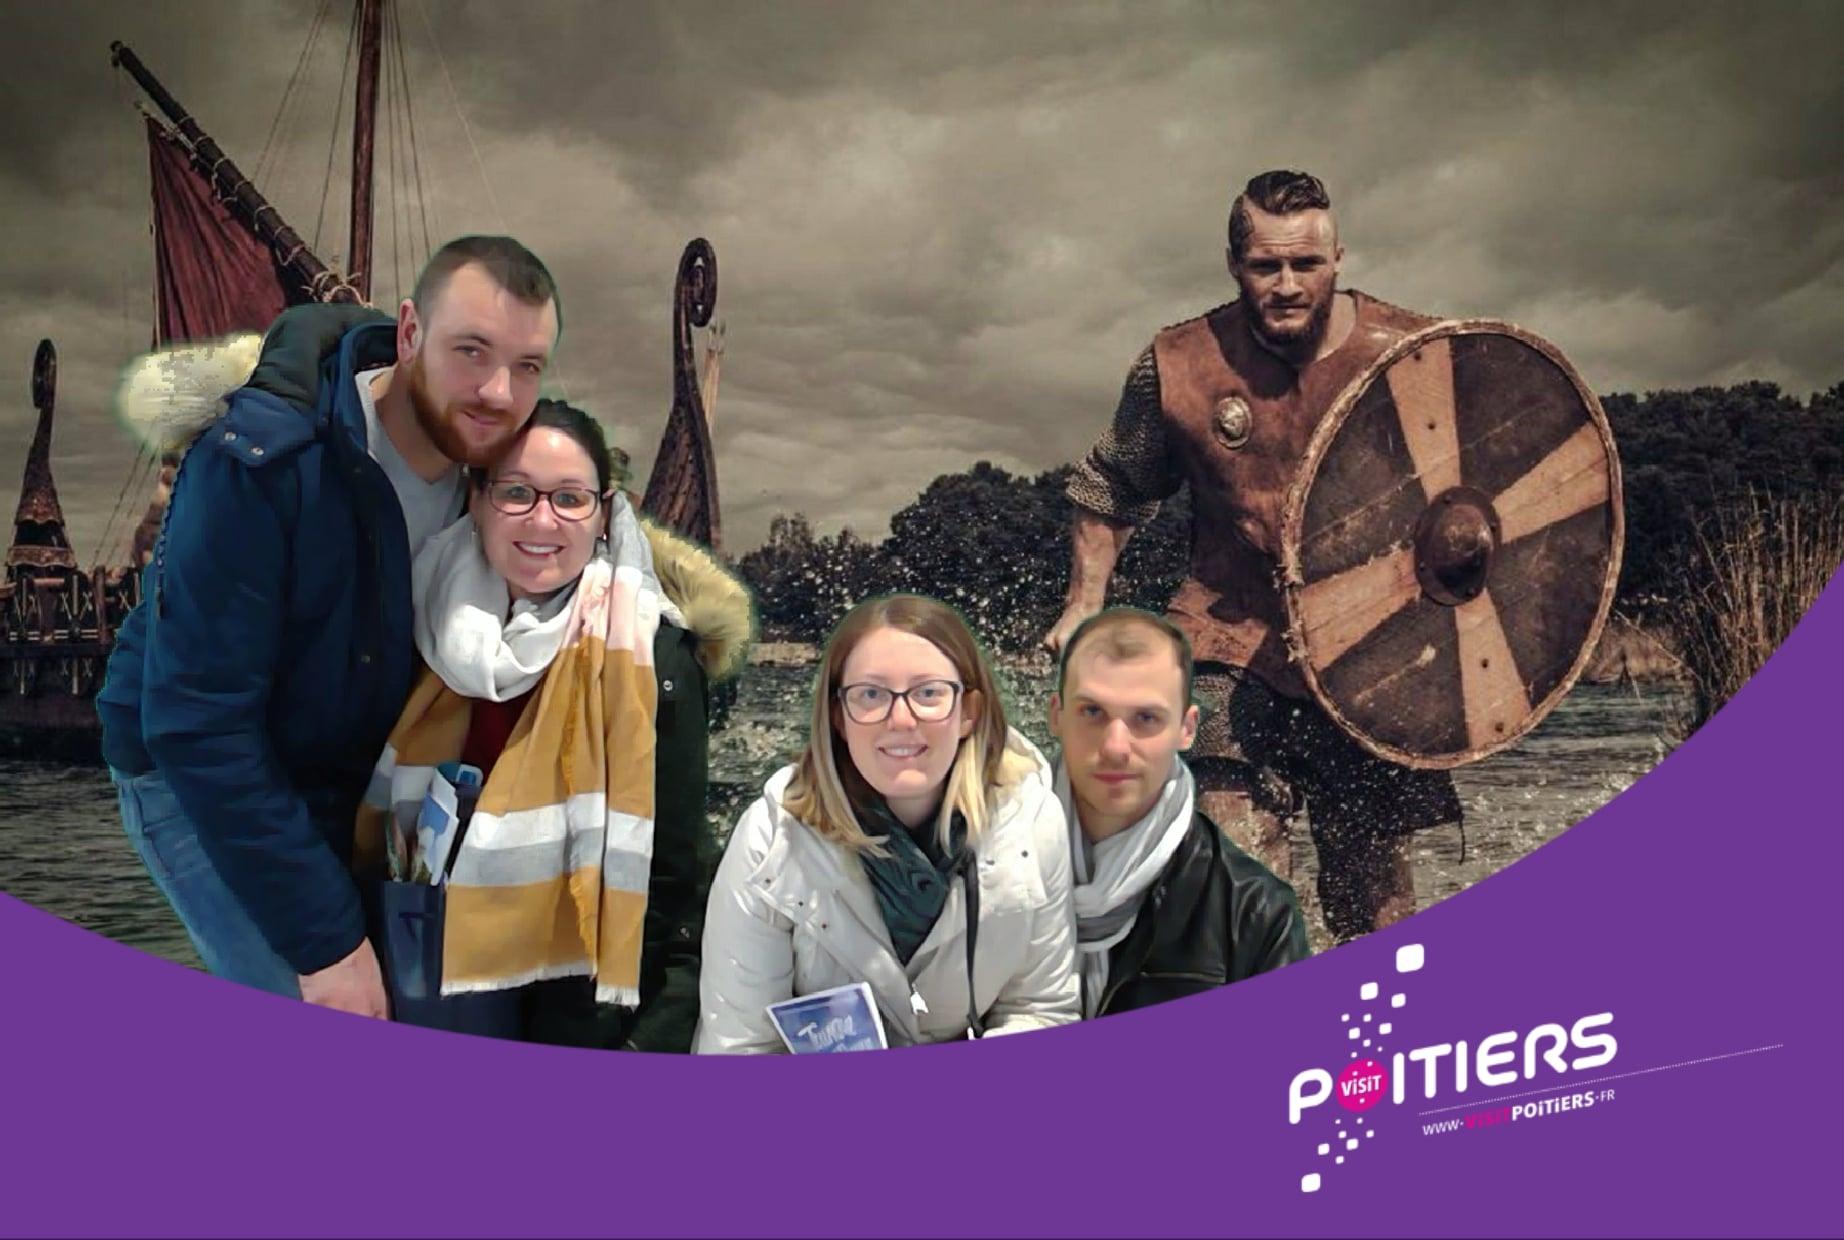 Selfie personnalisé vikings avec borne photo et animation fond vert au salon Proxi'Loisirs 2020 dédié au tourisme et loisirs au Parc des expositions de Poitiers